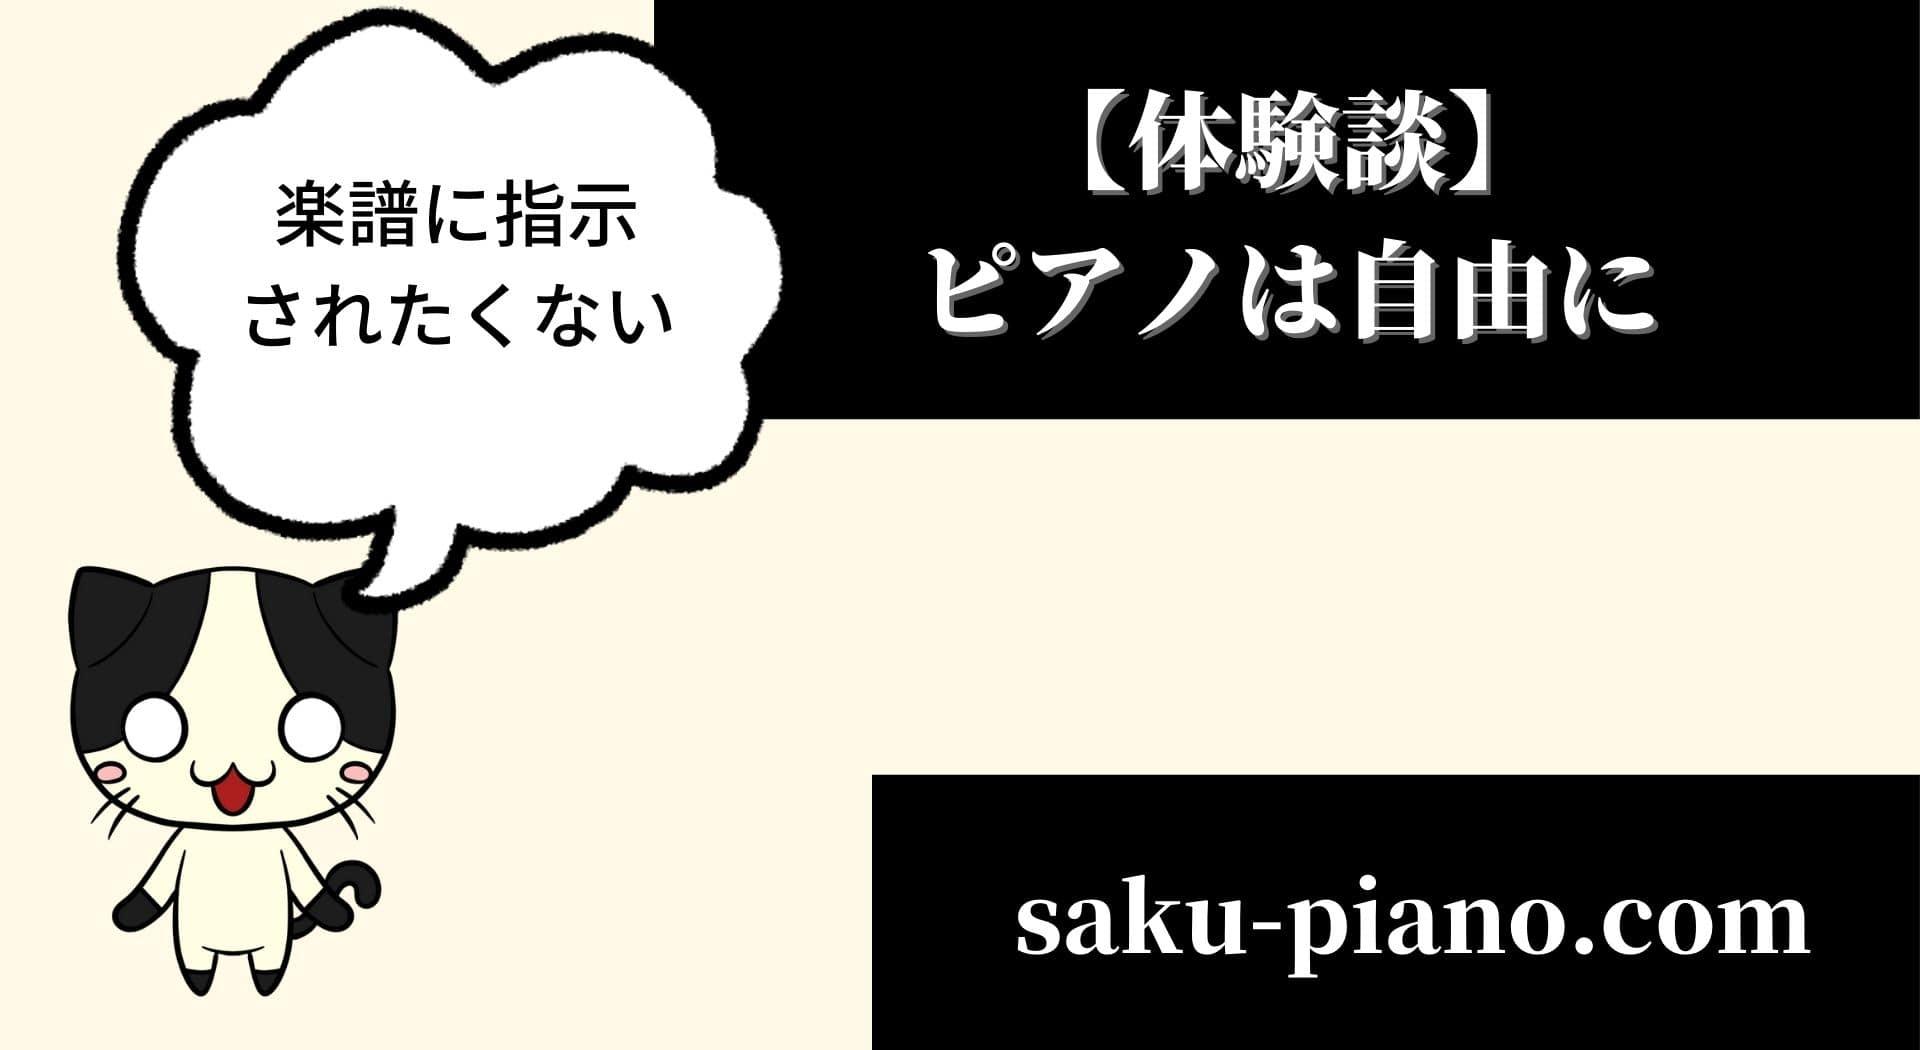 「【体験談】ピアノは自由に弾きたい・・楽譜に指示されたくない!!」のアイキャッチ画像